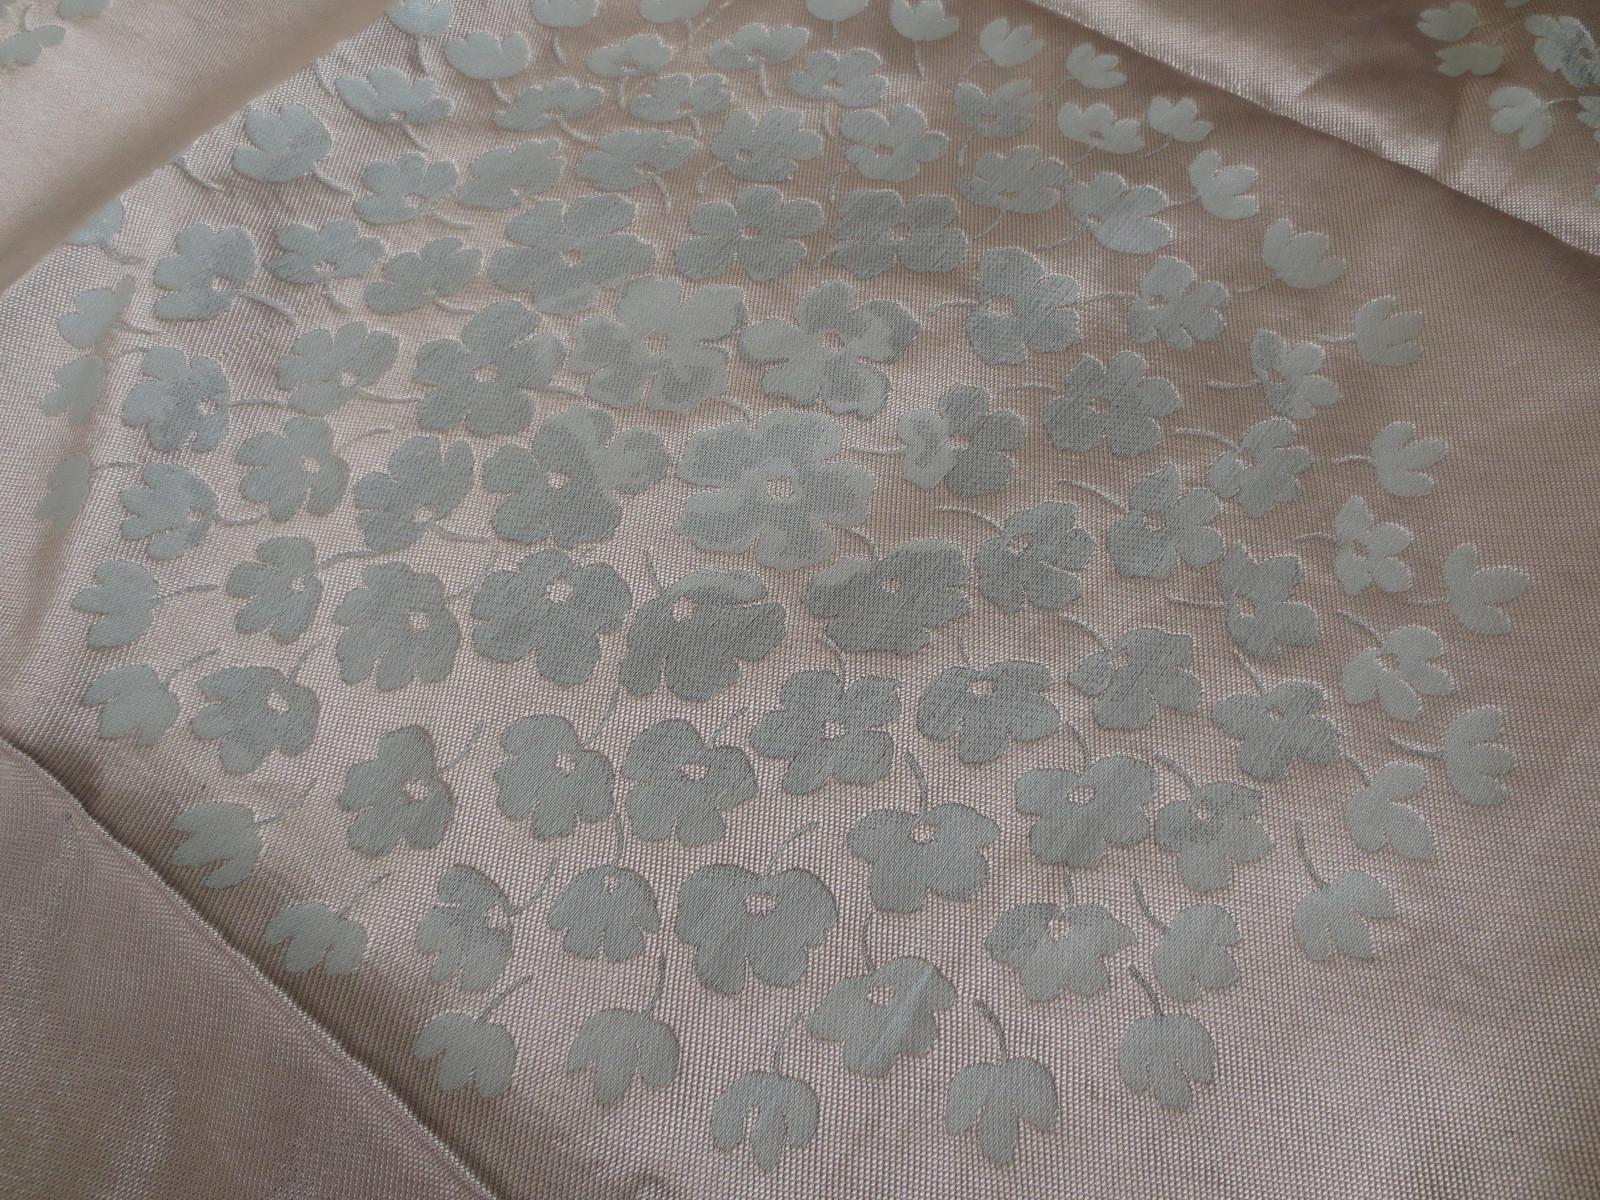 【最後の1単位です!】イギリス★ローラアシュレイ★青&銀お花柄織物生地/95cm x 63cm